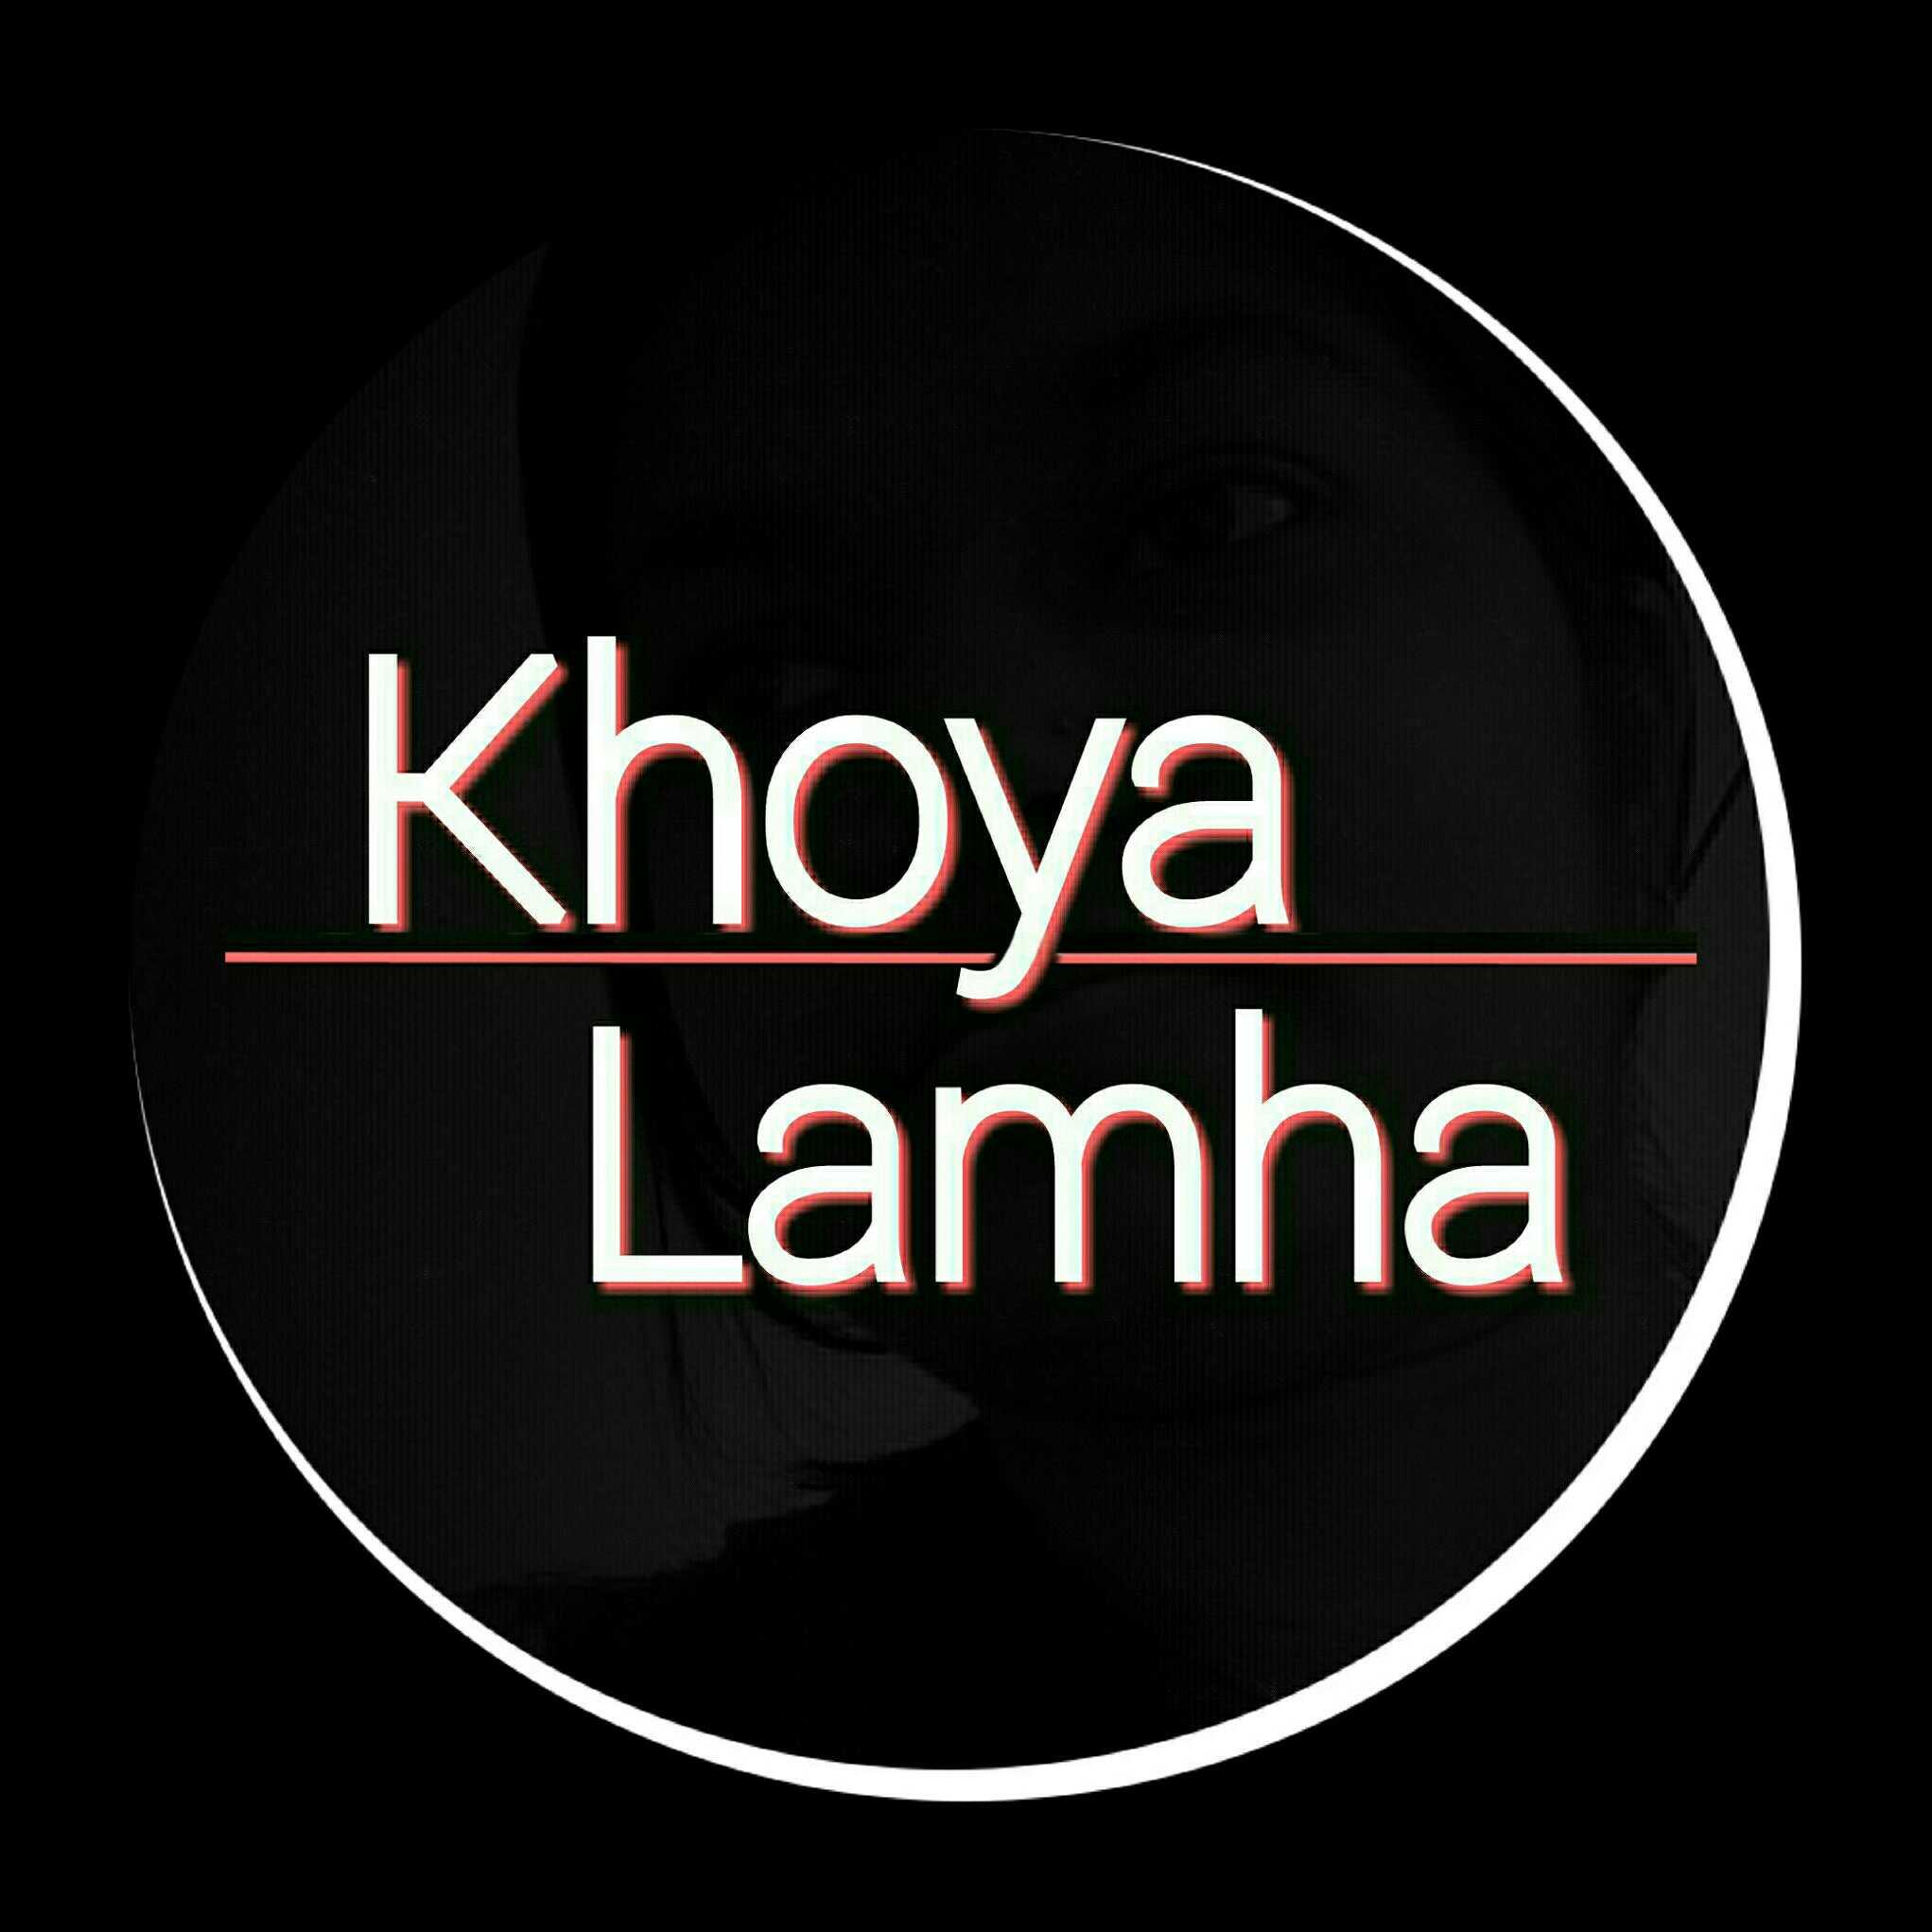 Khoya Lamha (Prabha Chauhan)